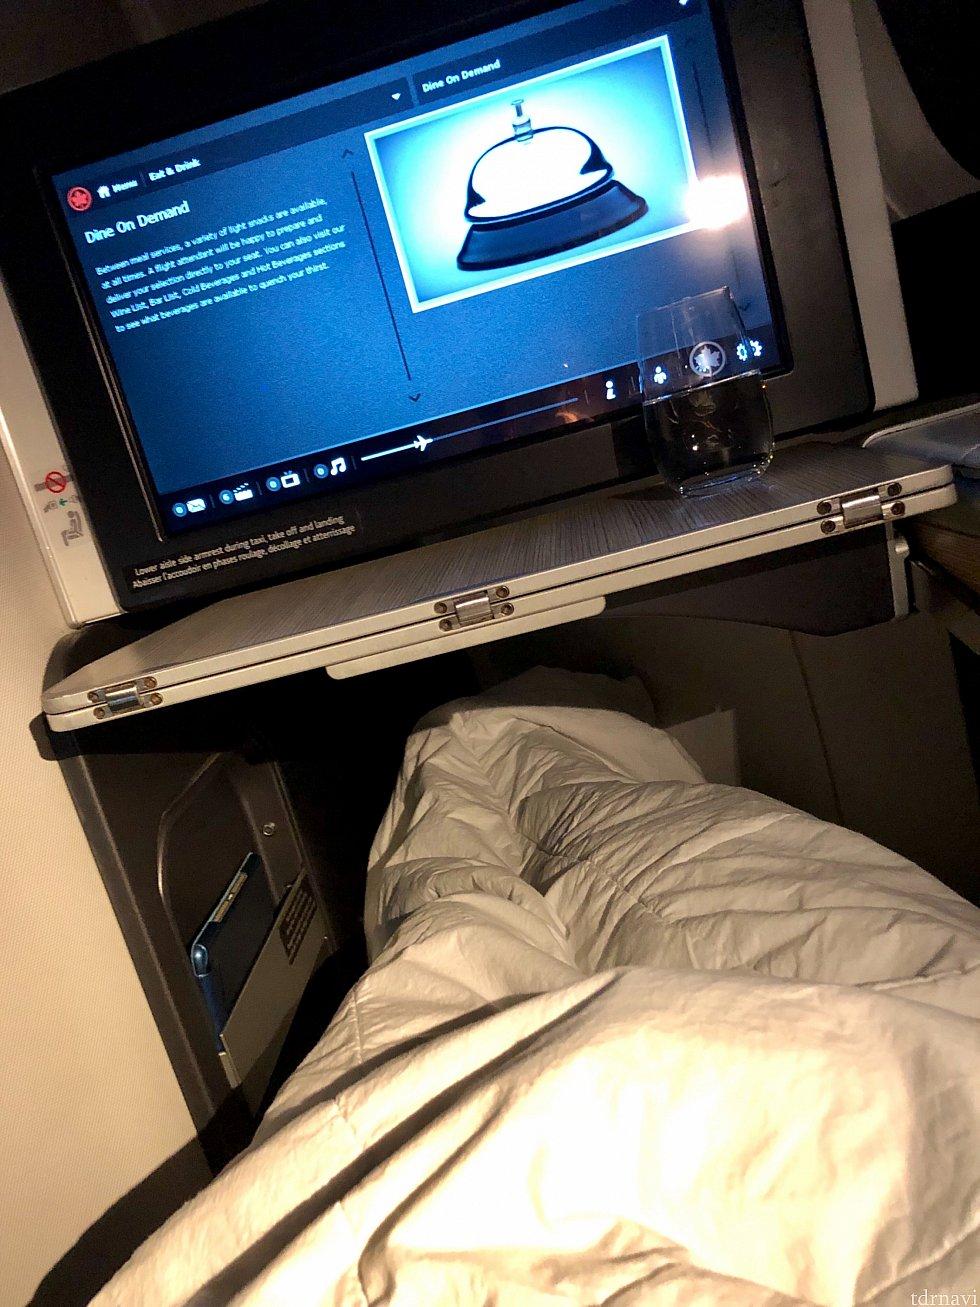 フルフラット状態で足を延ばすとこんな感じです。寝返りもうてるような広さでした。モニターの下にあるテーブルは折り畳み式で、大きくでき、また手元に引き寄せることが出来る便利な物でした。本当に快適で、普段飛行機では寝れない僕もきちんと寝られました。